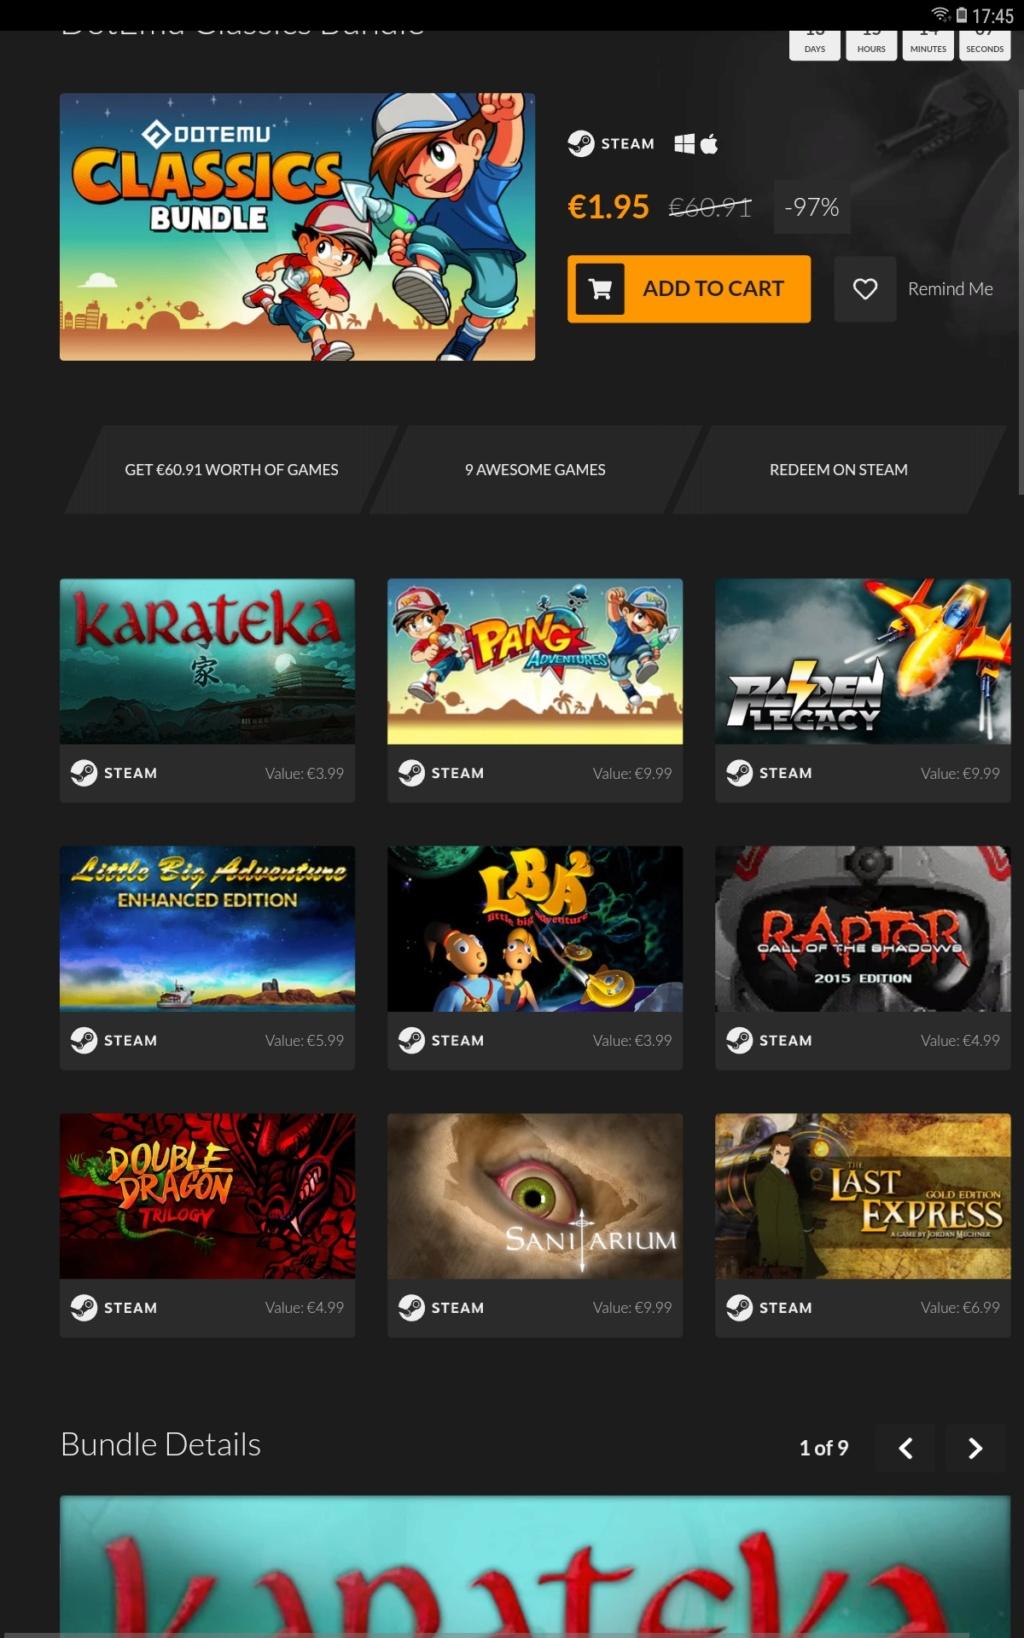 Videojuegos V1.3  - Página 6 Screen13